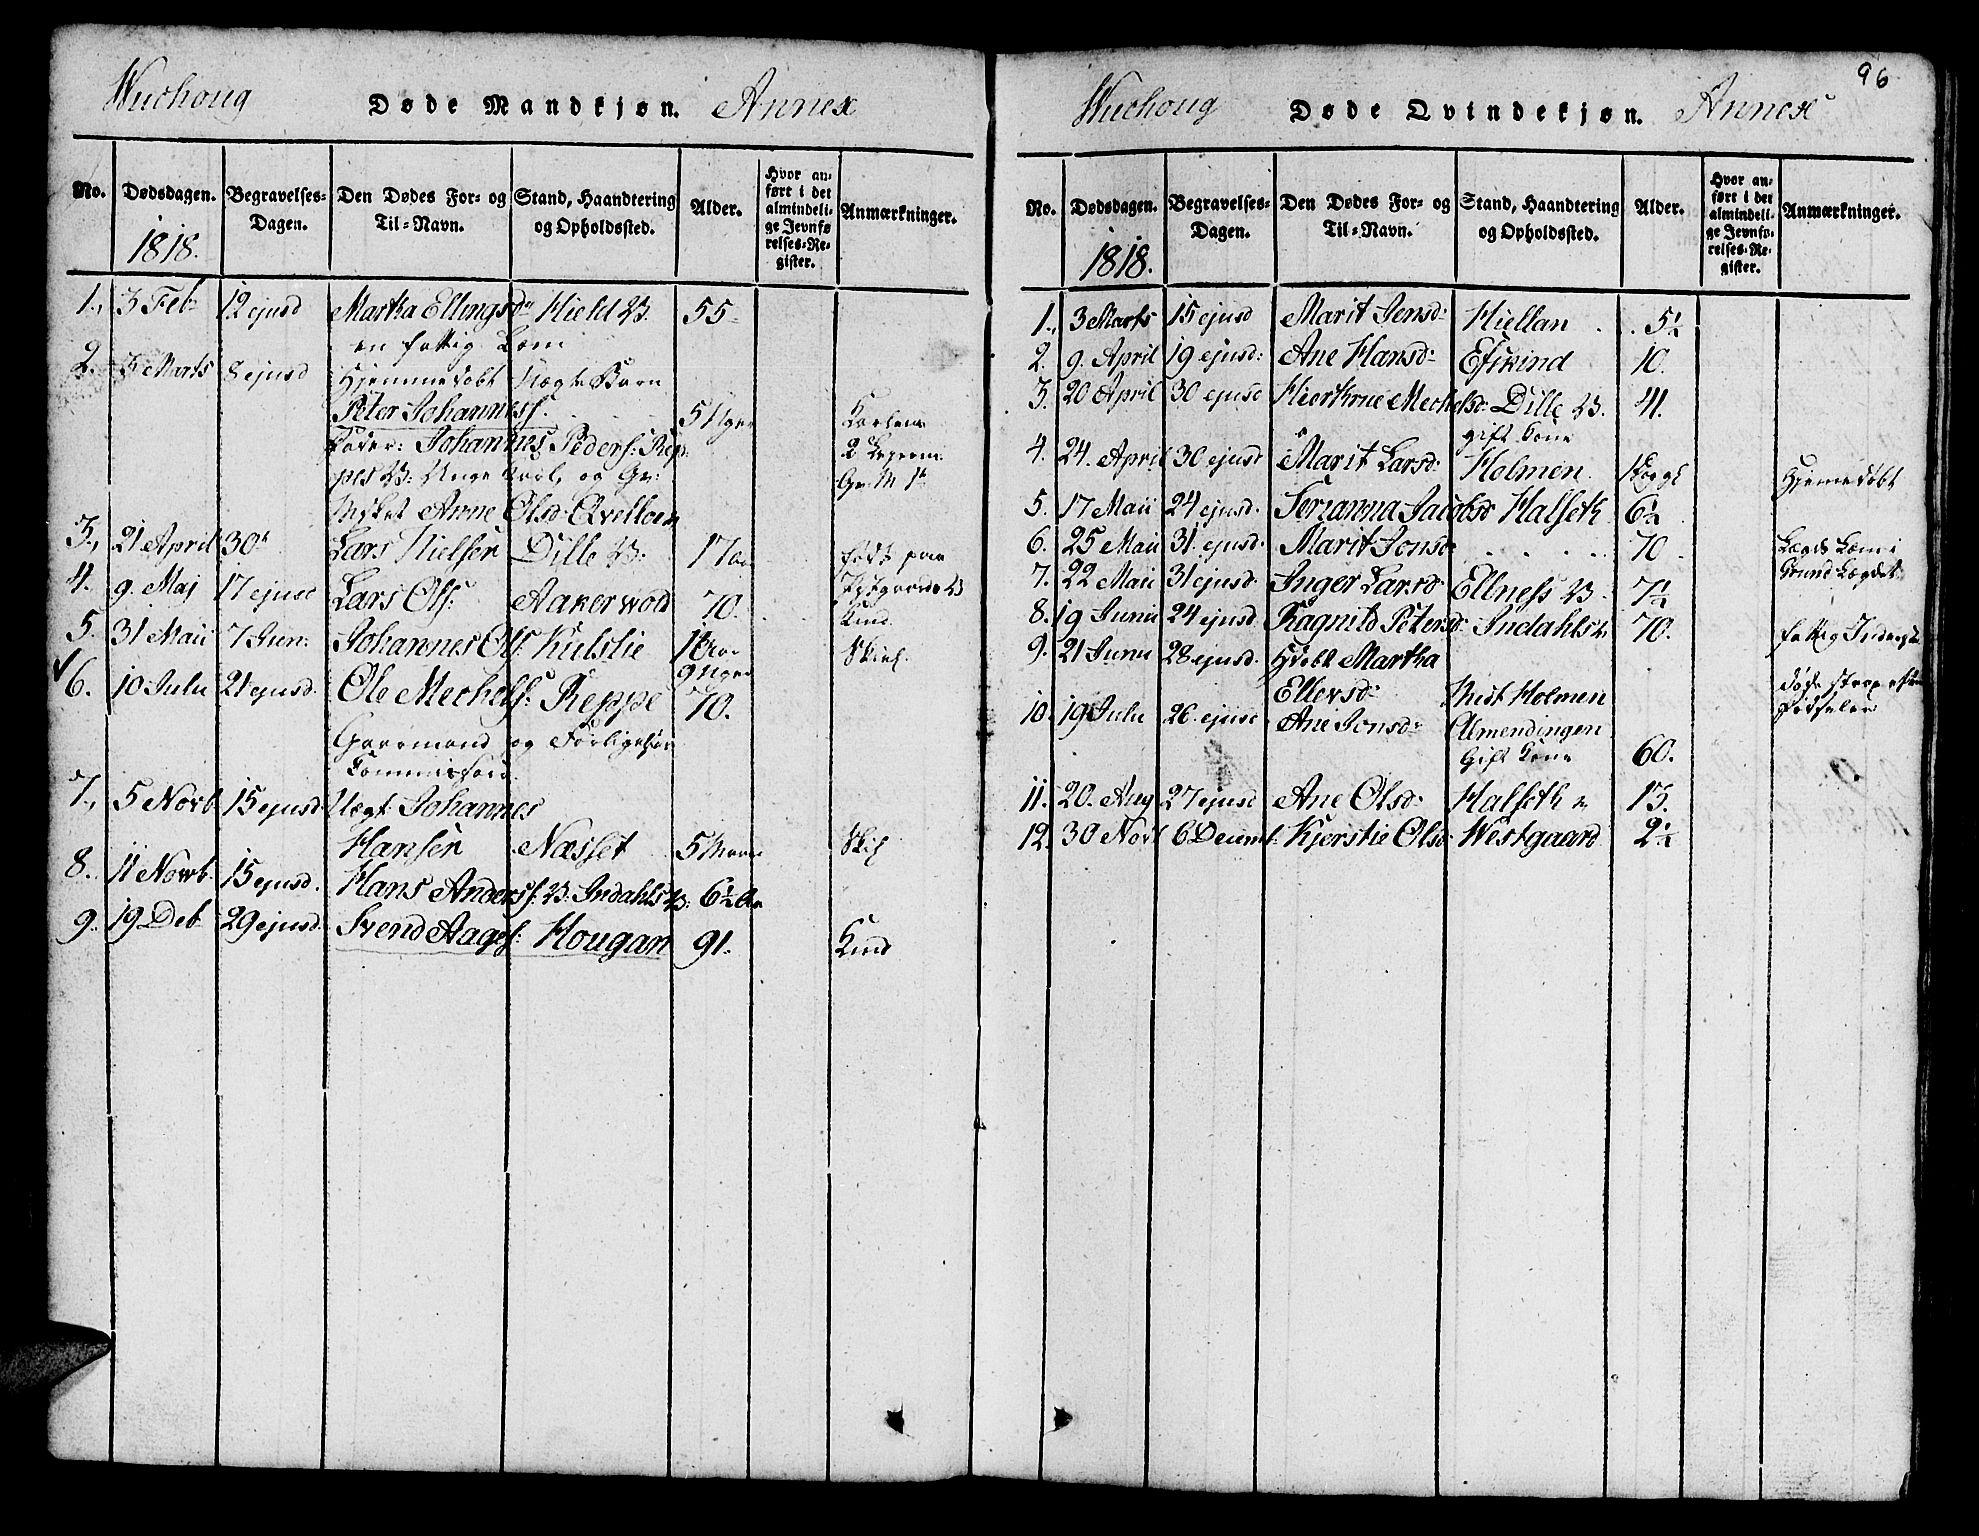 SAT, Ministerialprotokoller, klokkerbøker og fødselsregistre - Nord-Trøndelag, 724/L0265: Klokkerbok nr. 724C01, 1816-1845, s. 96